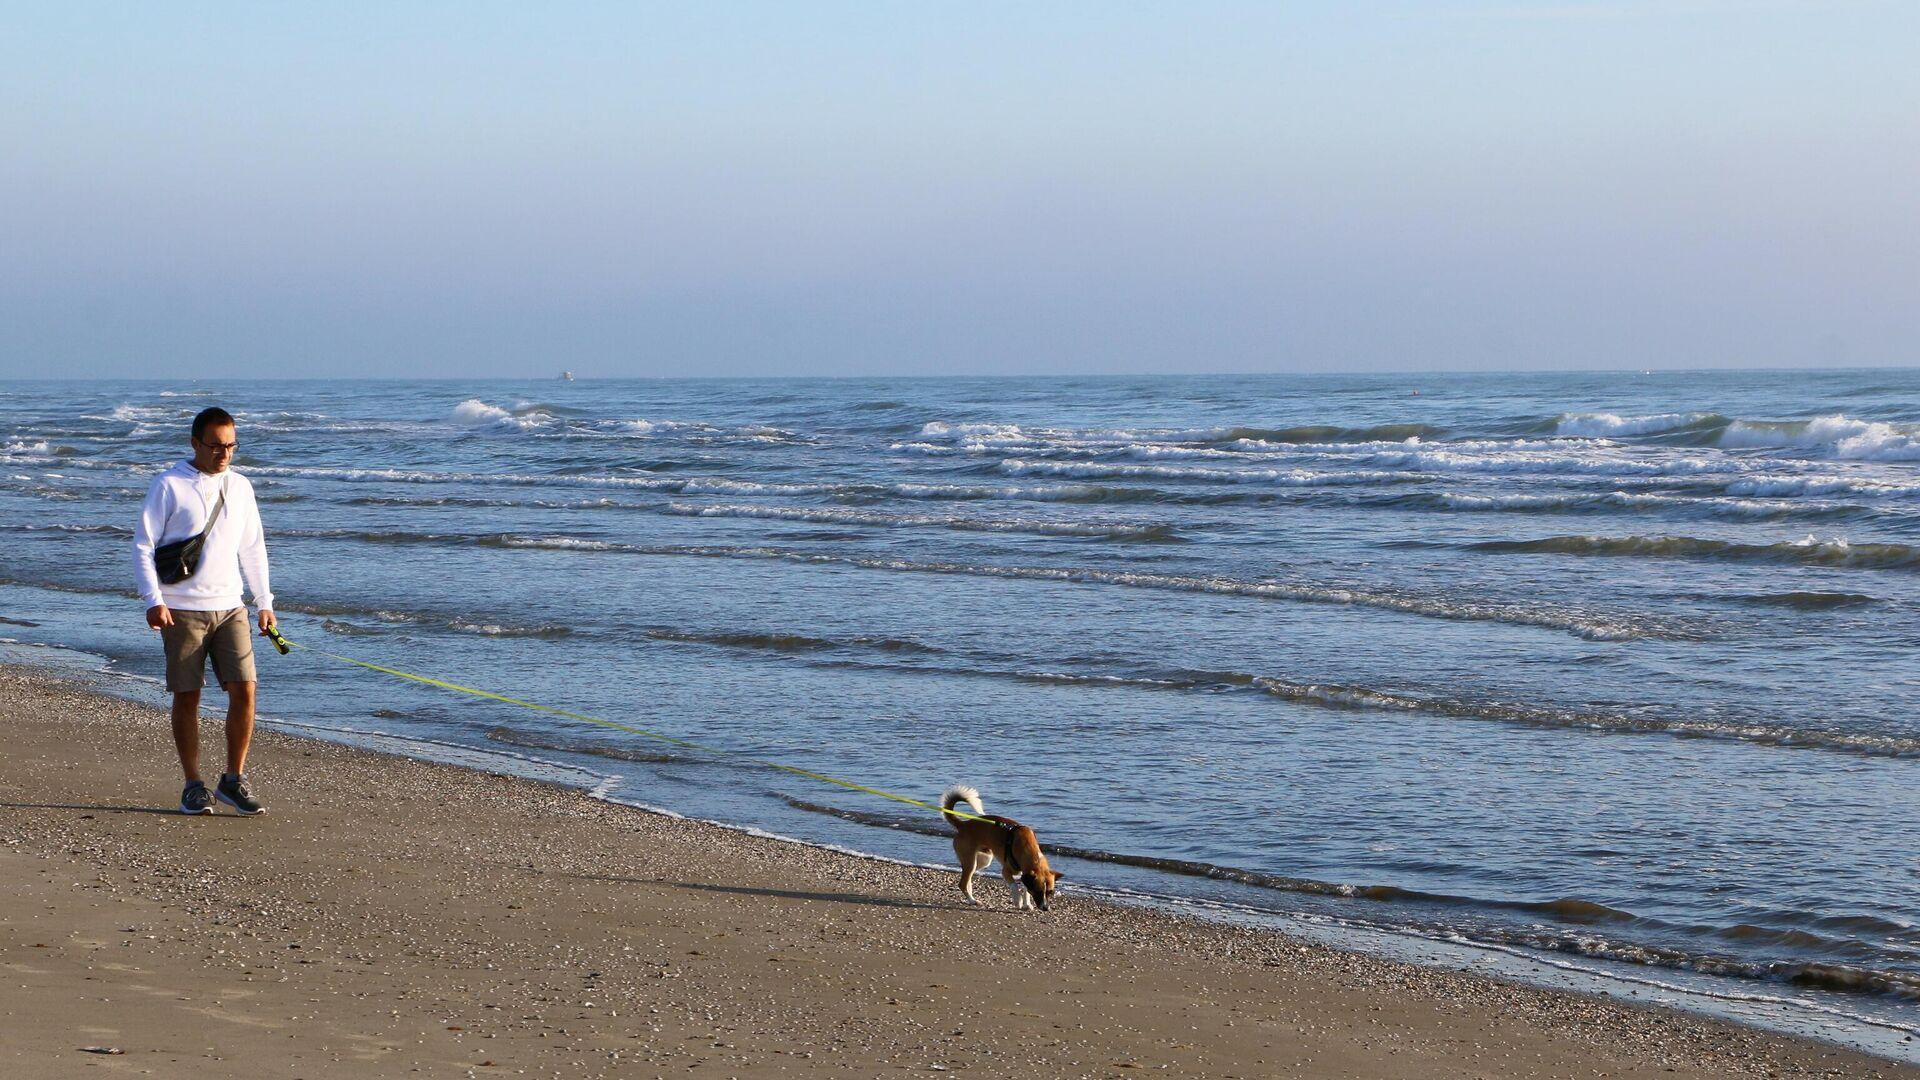 Un uomo con il suo cane passeggia lungo la costa del mare - Sputnik Italia, 1920, 08.07.2021